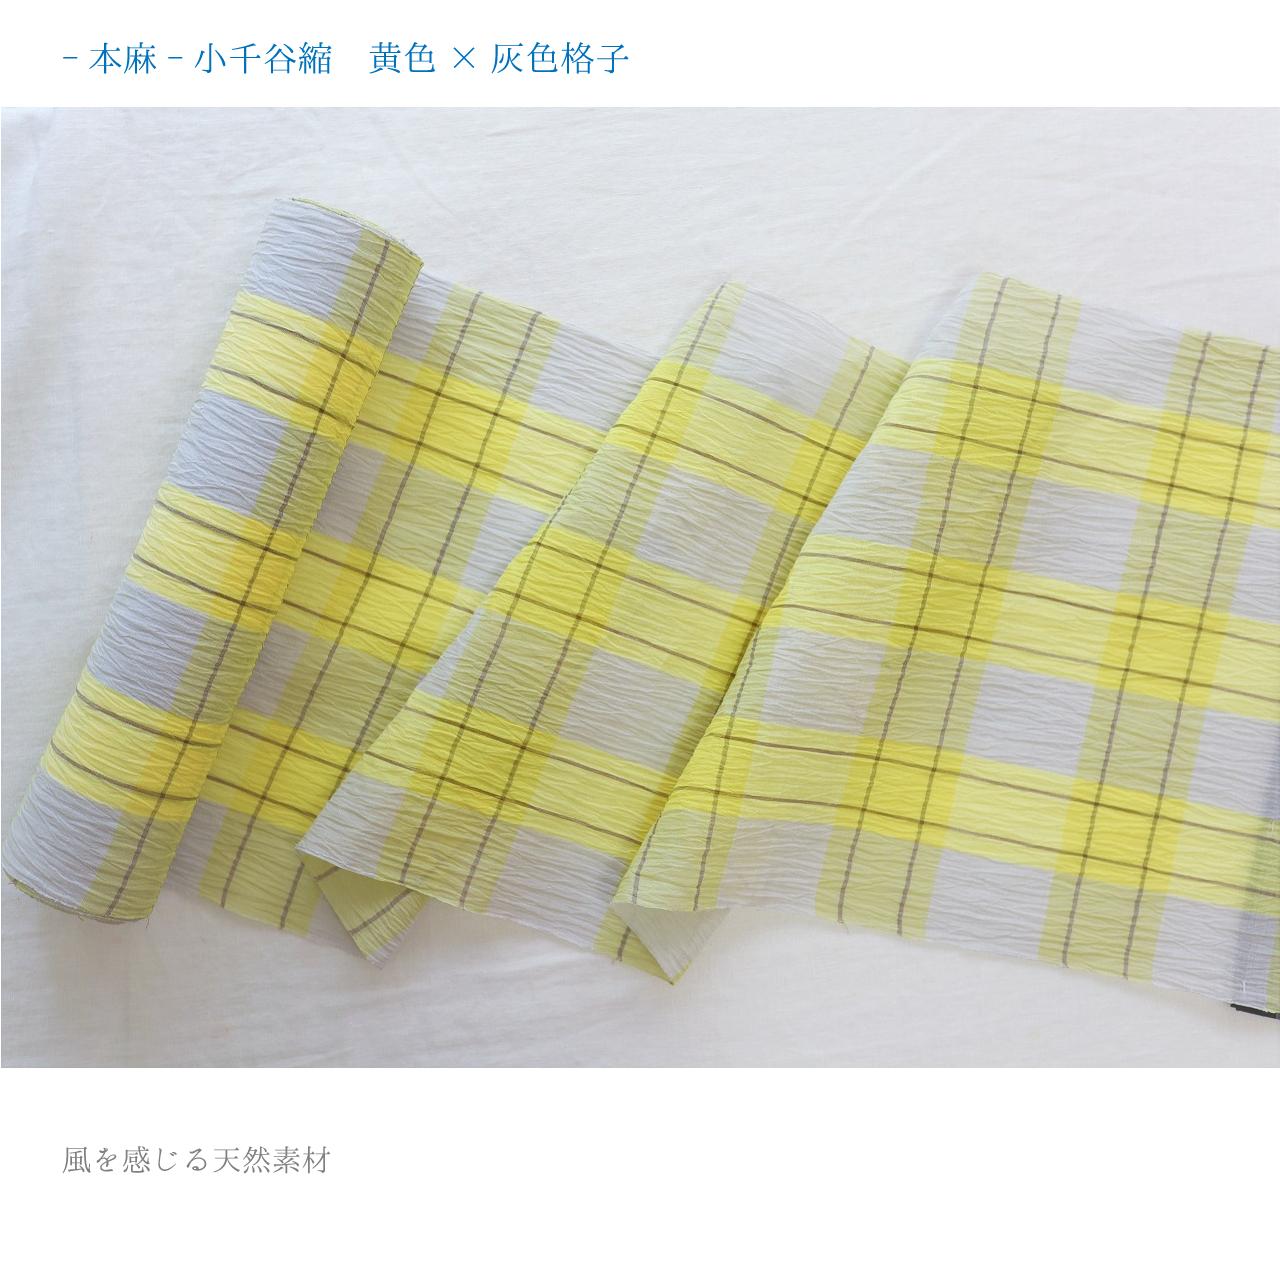 夏らしく爽やかな黄色のオーガニック麻100%本場小千谷縮反物